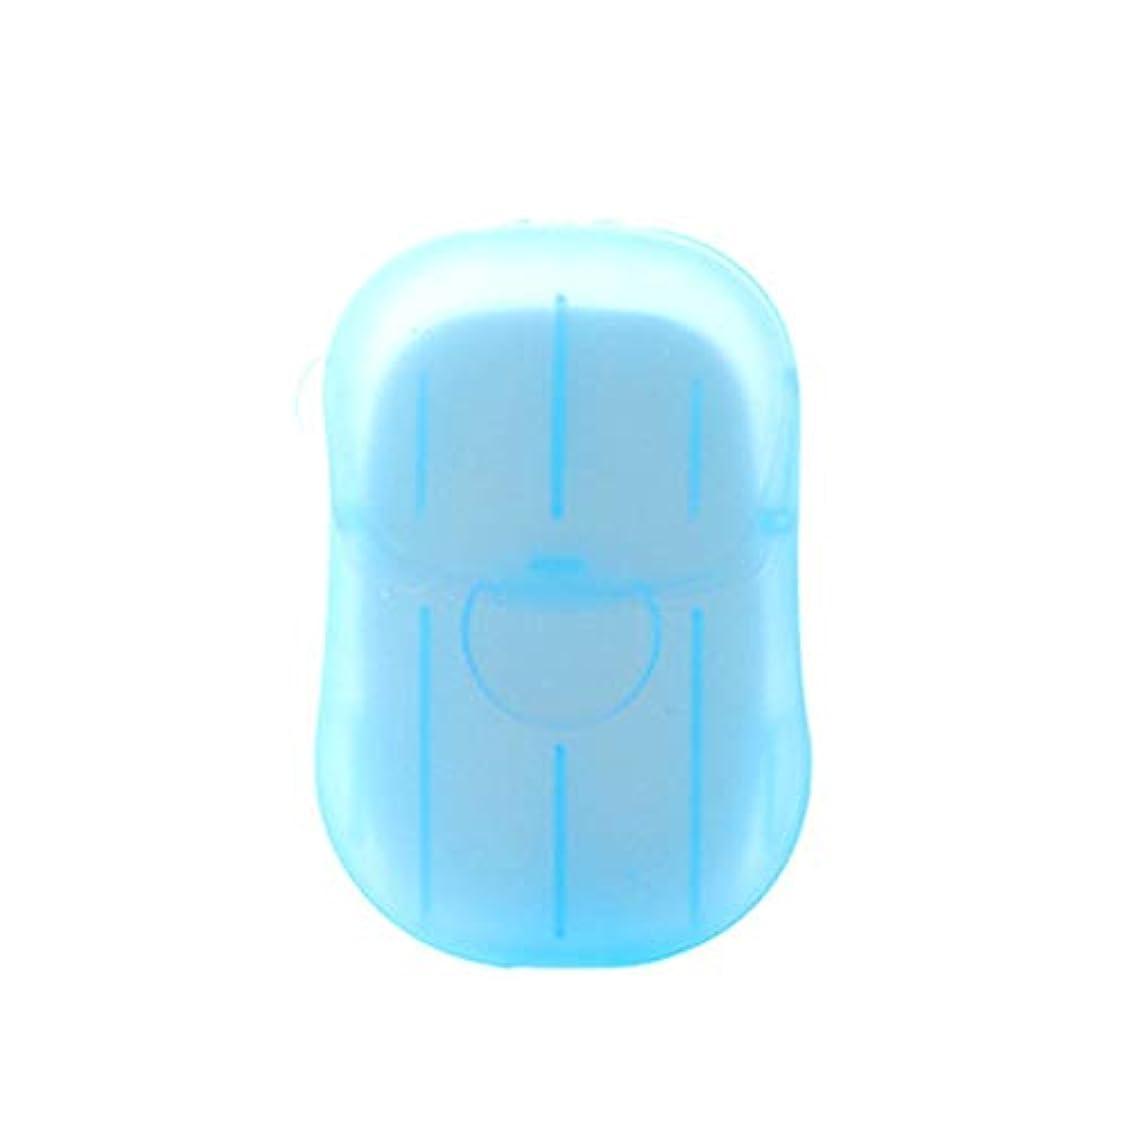 の慈悲で水素マウスピースGalapara 紙石鹸 使い捨て石鹸ケース 20枚石鹸ペーパー香料入り 旅行用品